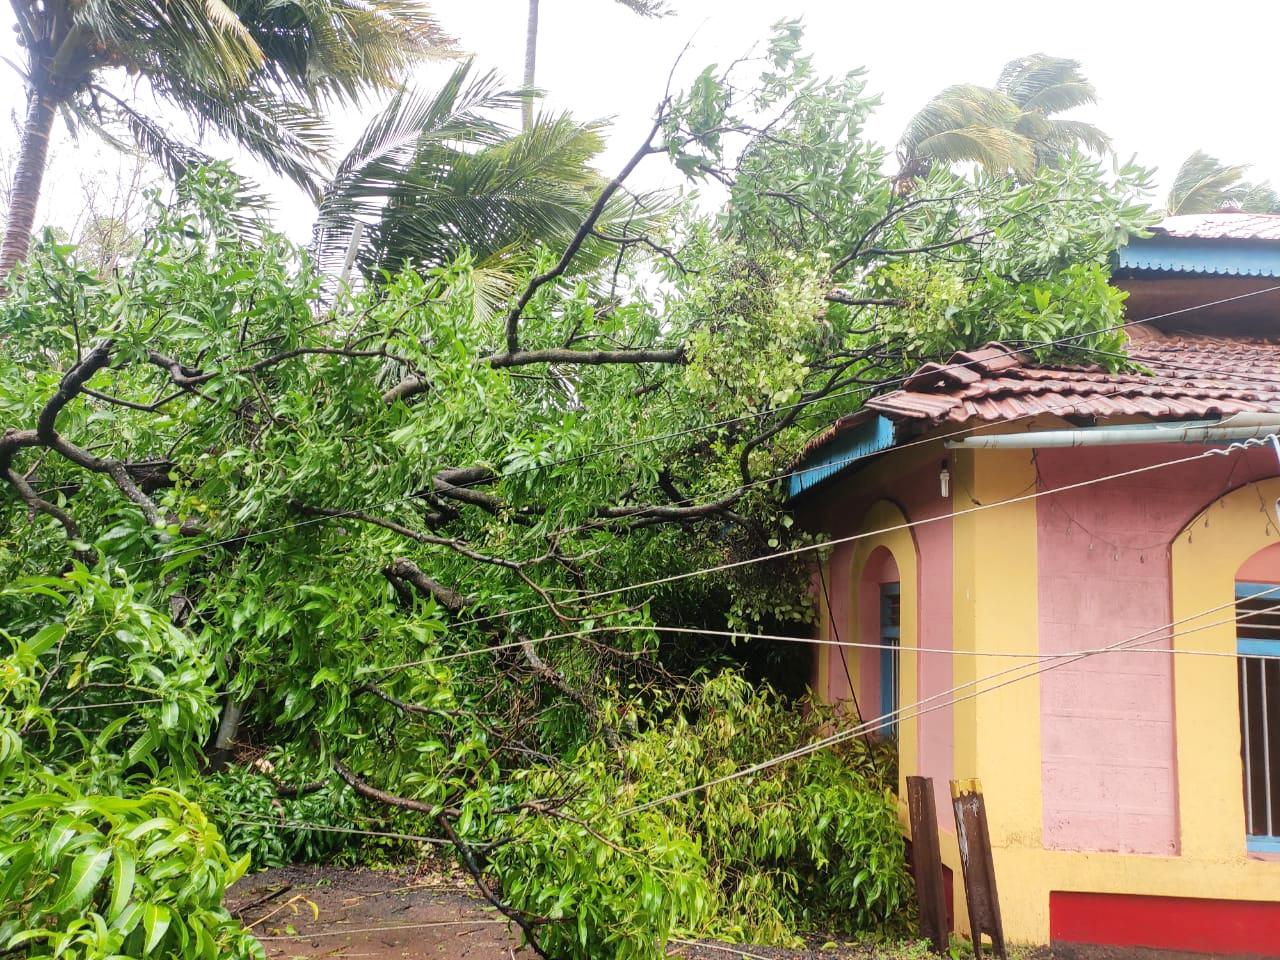 वादळी वा-याने नागरिकांमध्ये भितीचे वातावरण : झाडे पडून नुकसान